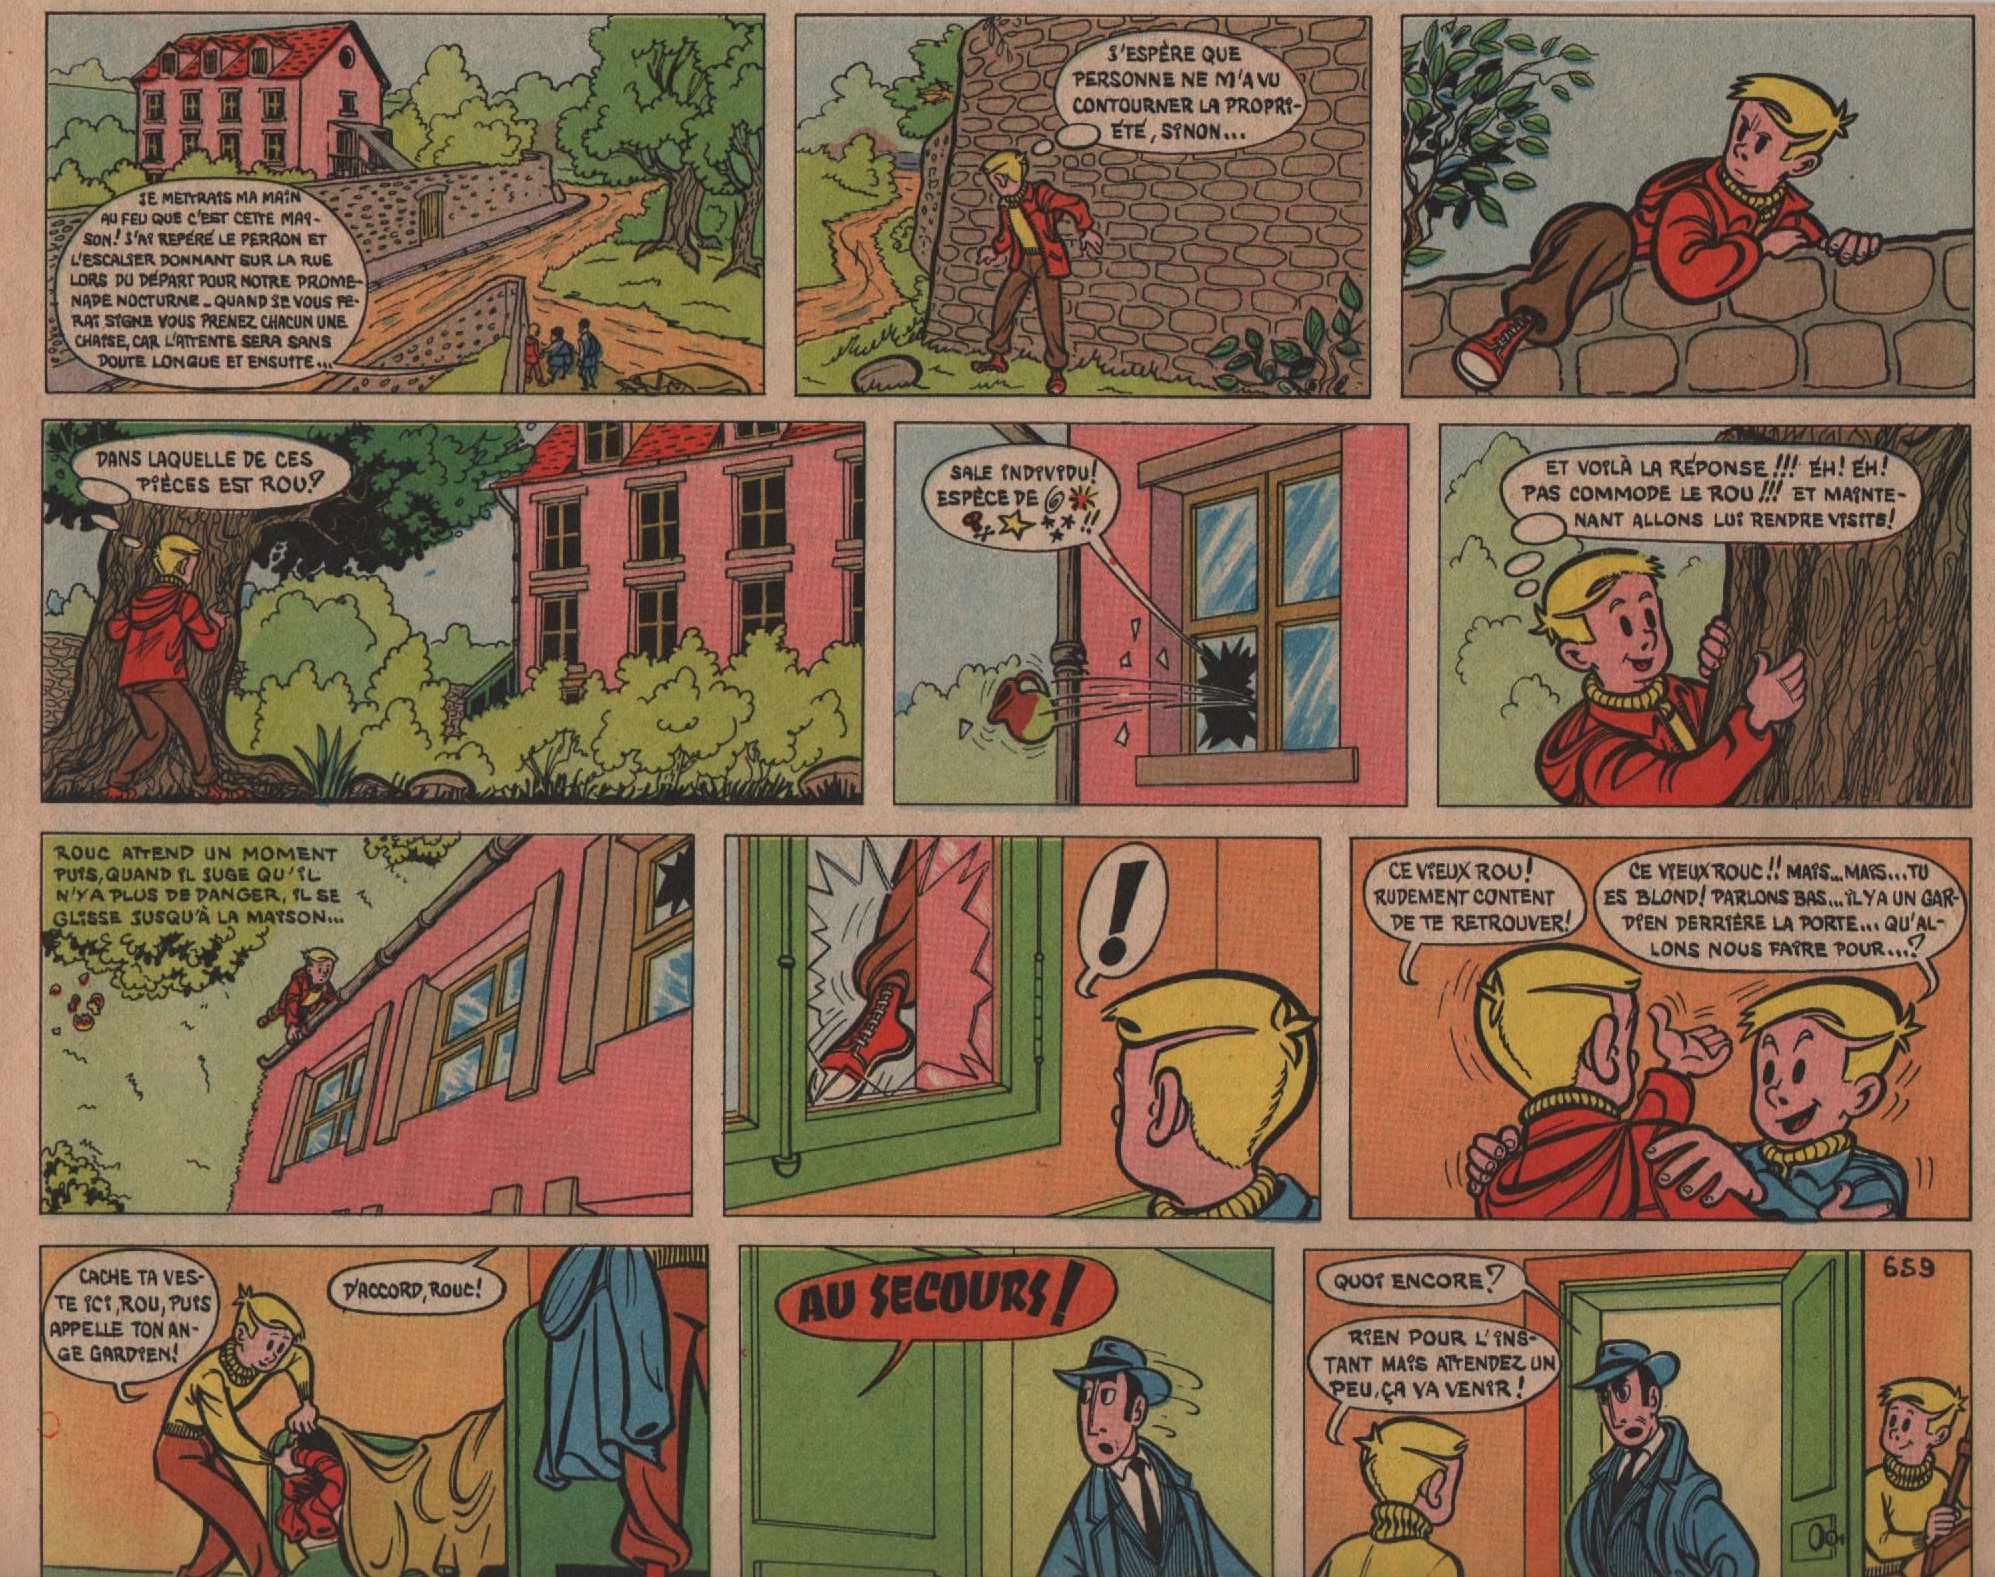 « Rouc et Rou » Vaillant n° 659 (29-12-1957).